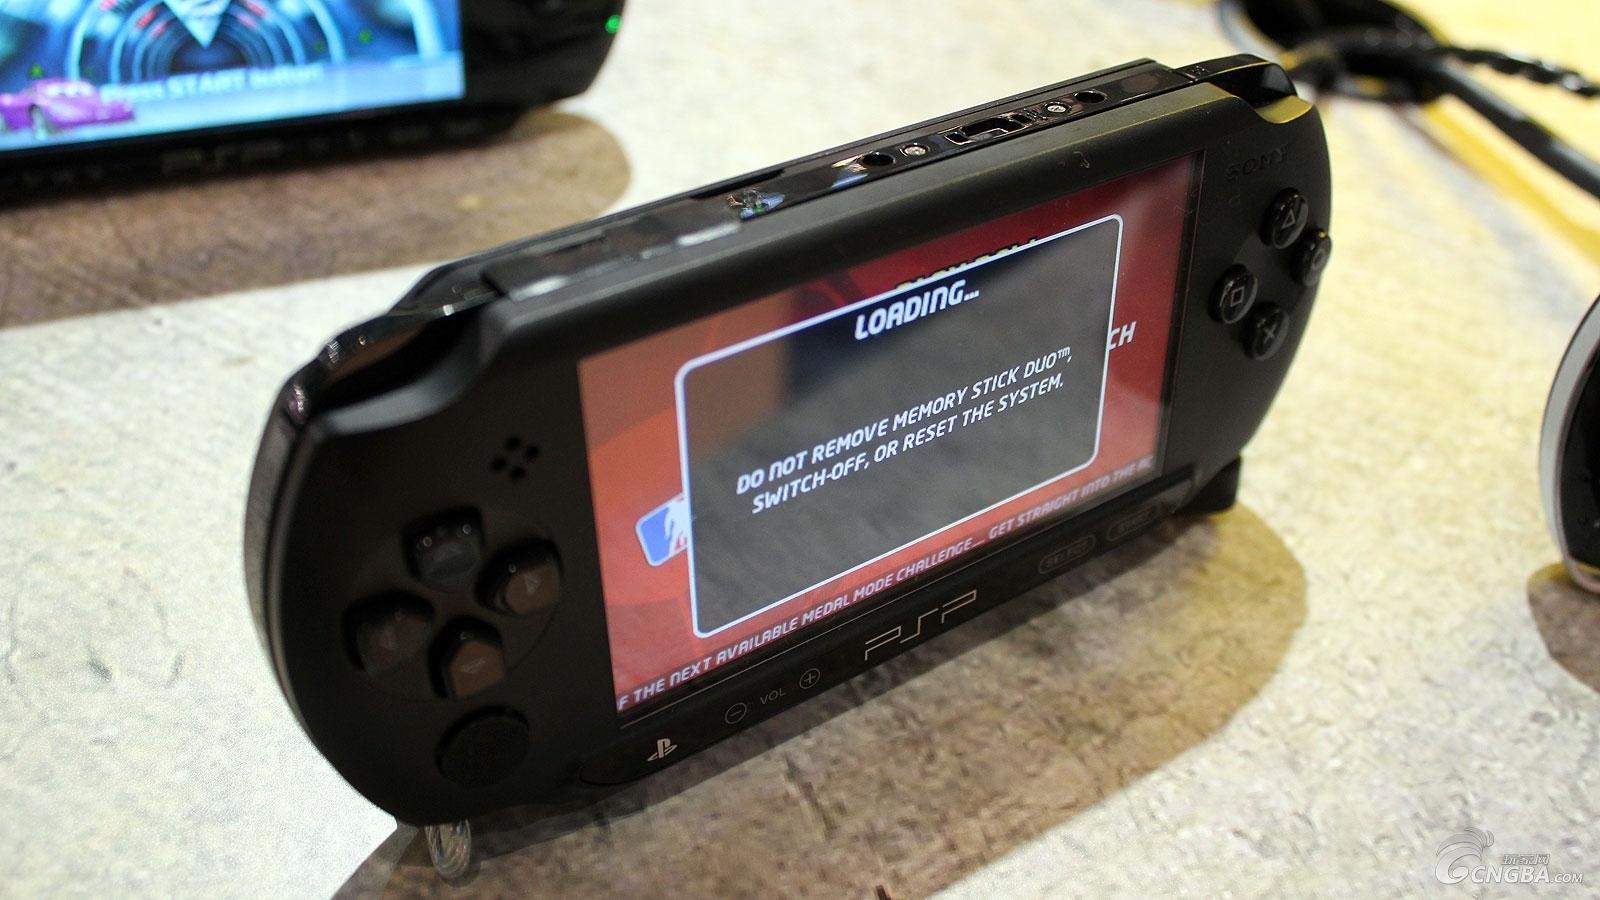 2011德国科隆游戏展上的新psp-psp e1000 此为索尼psp(playstation